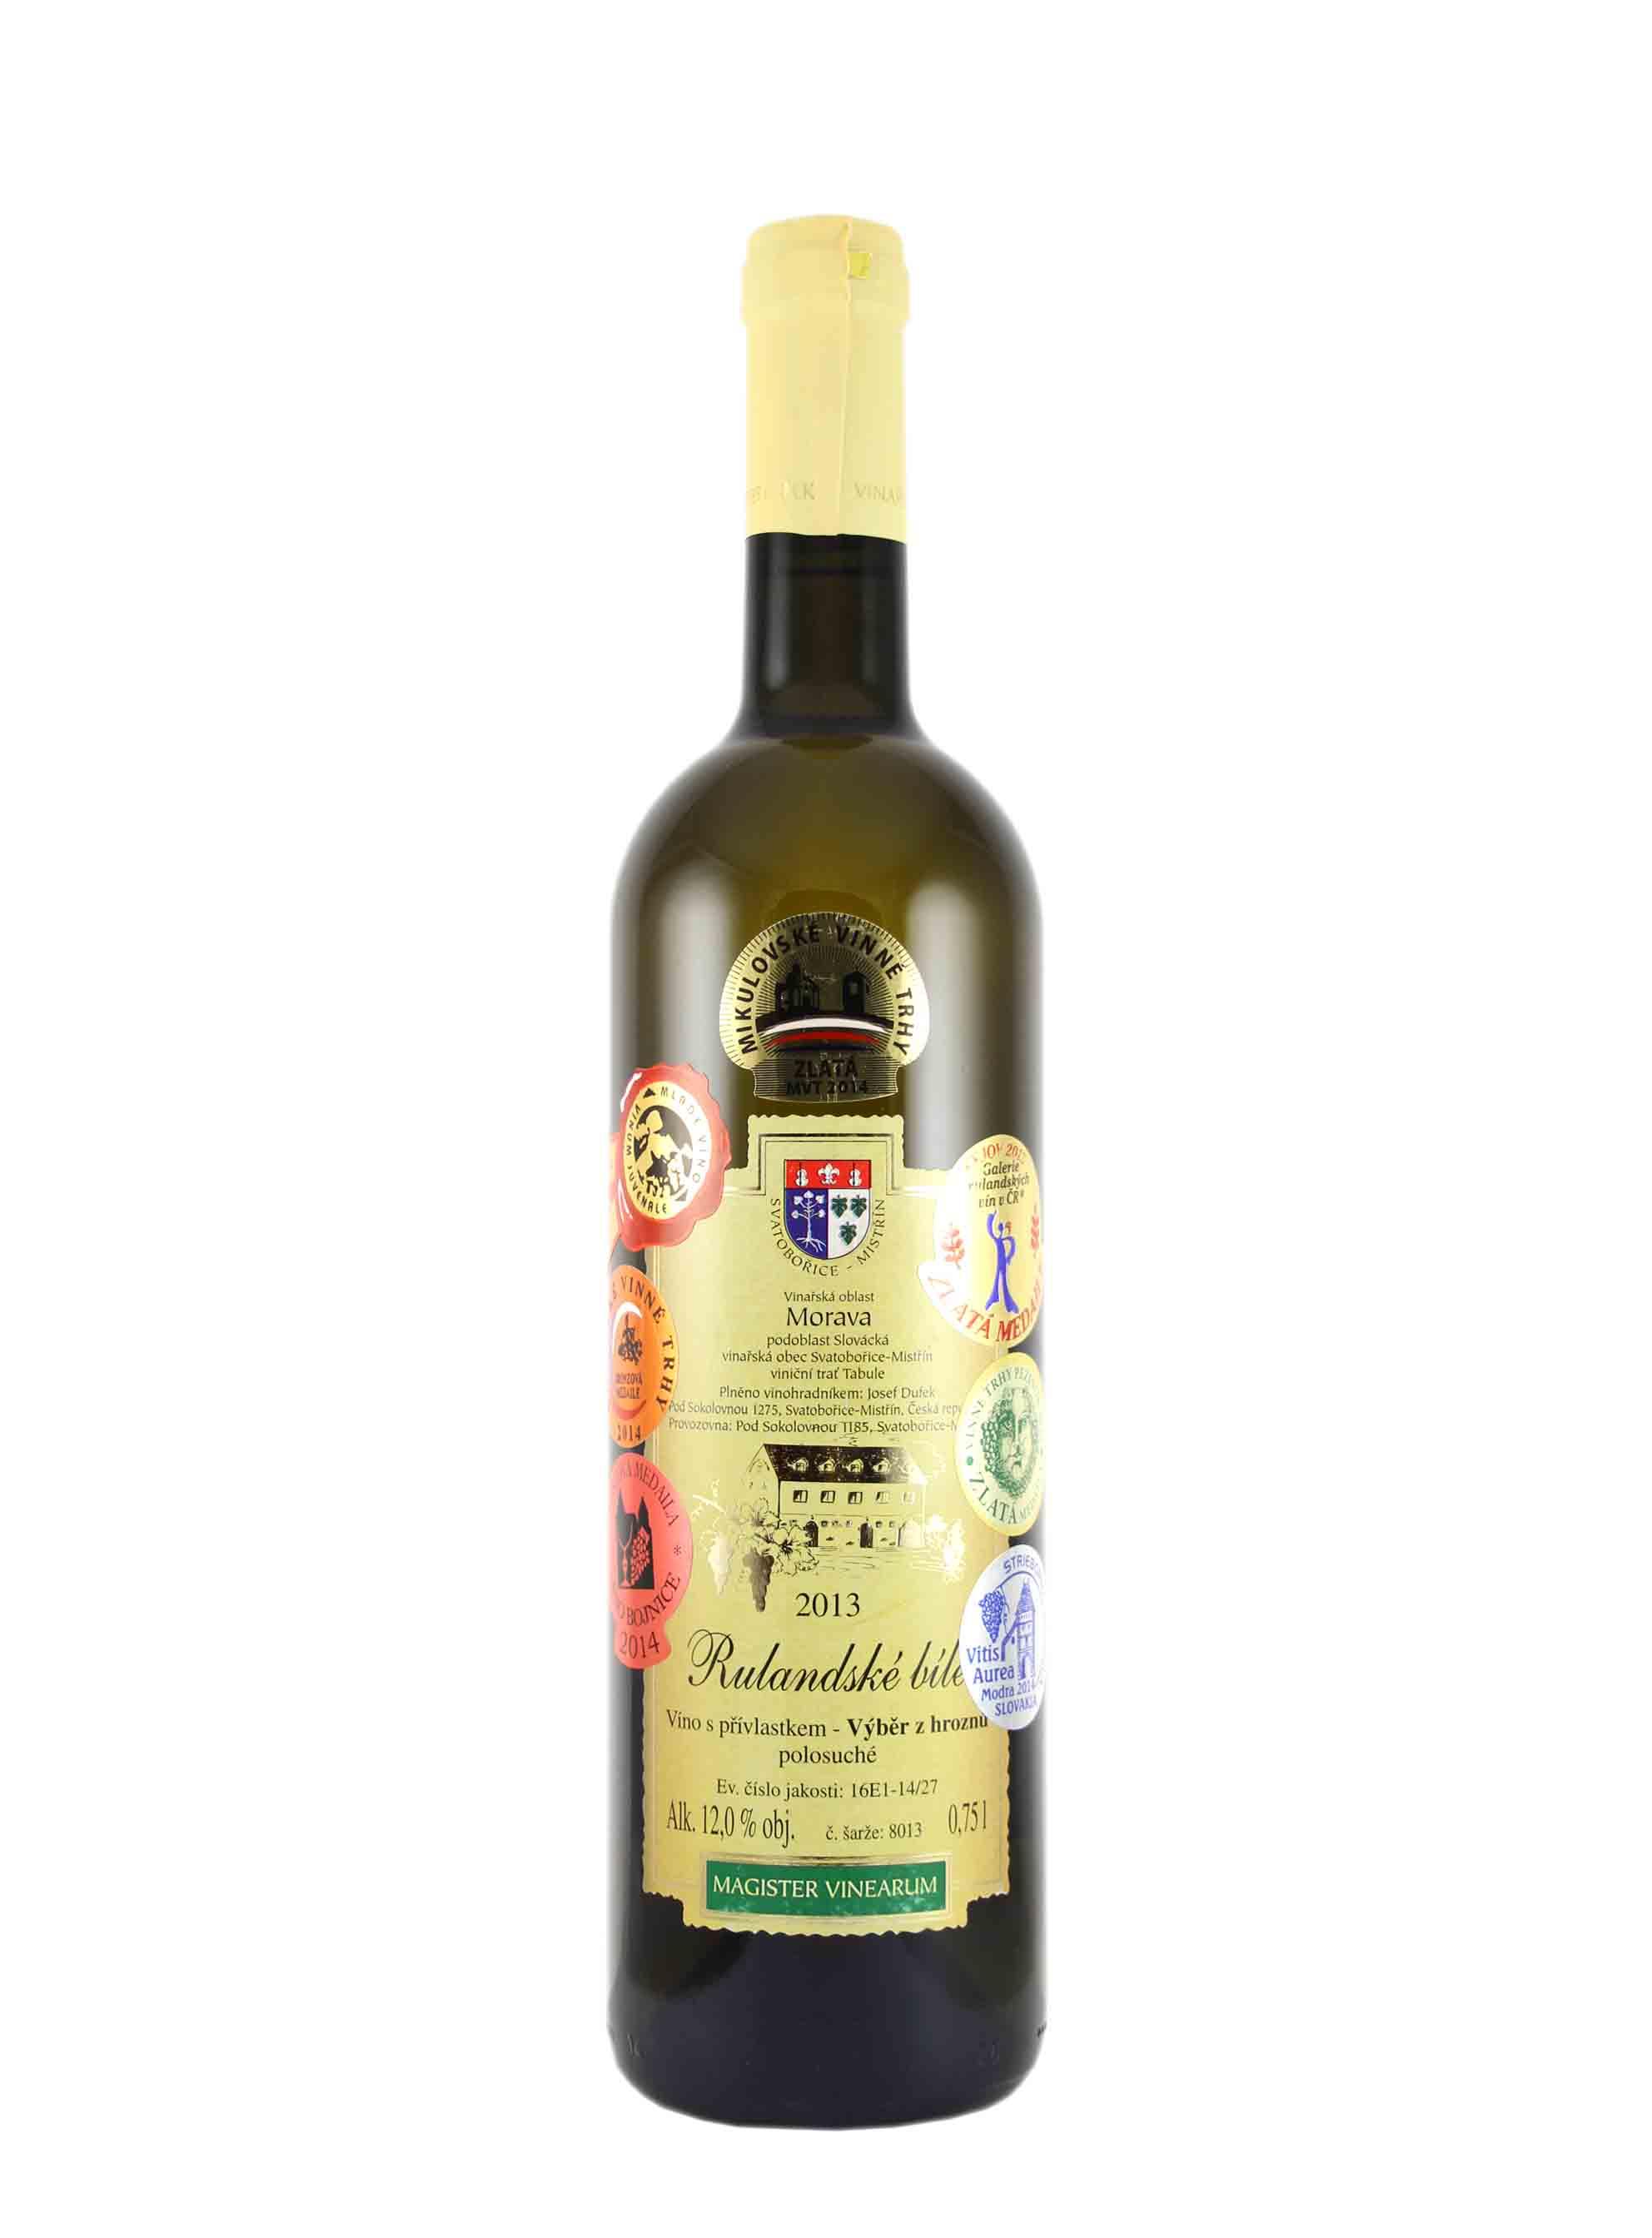 Rulandské bílé, Výběr z hroznů, 2013, Vinařství Dufek, 0.75 l